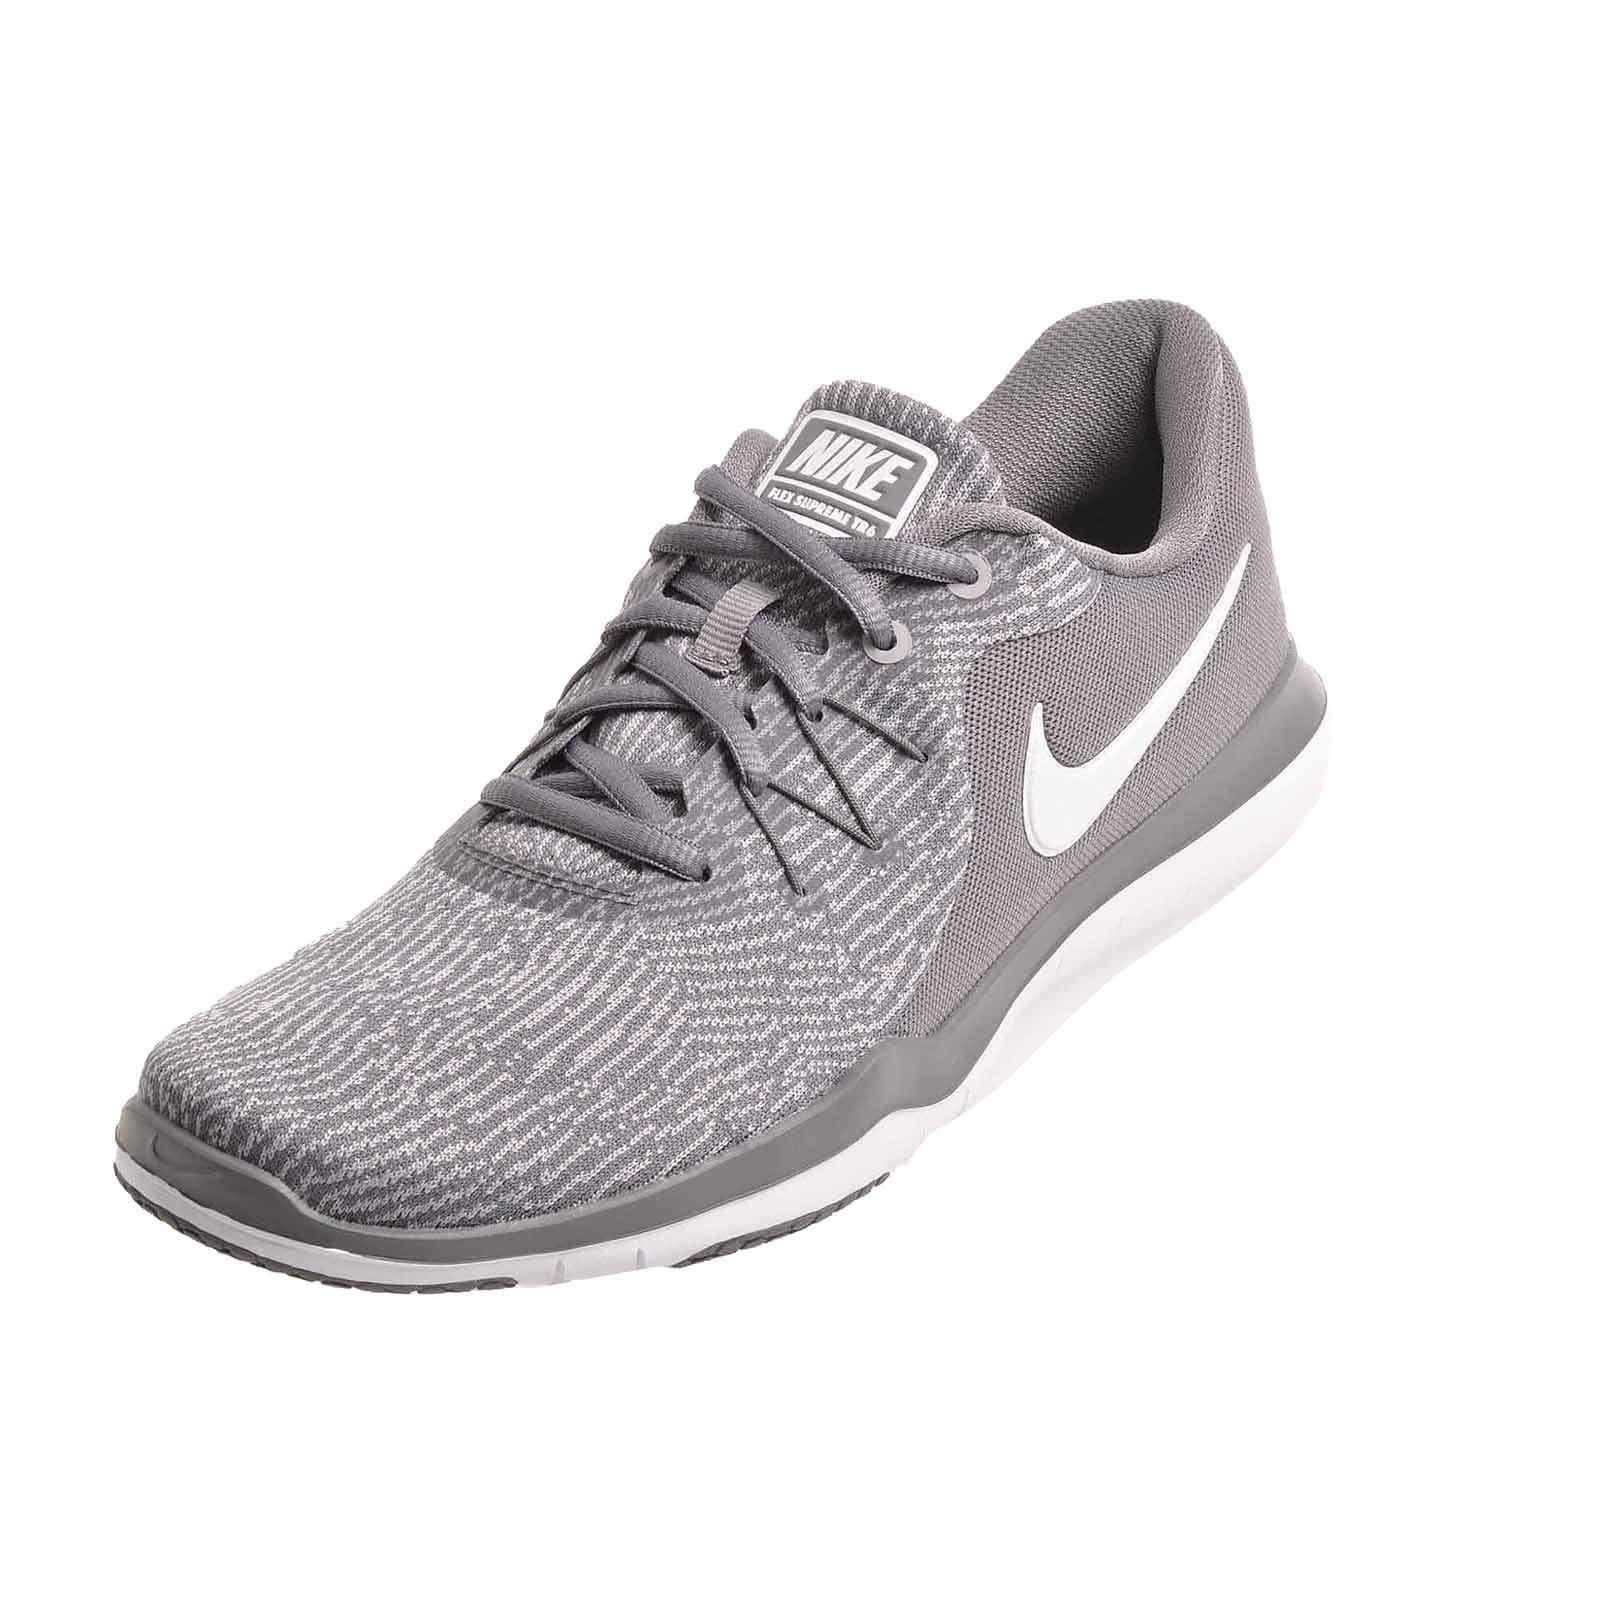 659c97c06bf Galleon - NIKE Womens Flex Supreme TR 6 (W) Cross Training Shoes ...